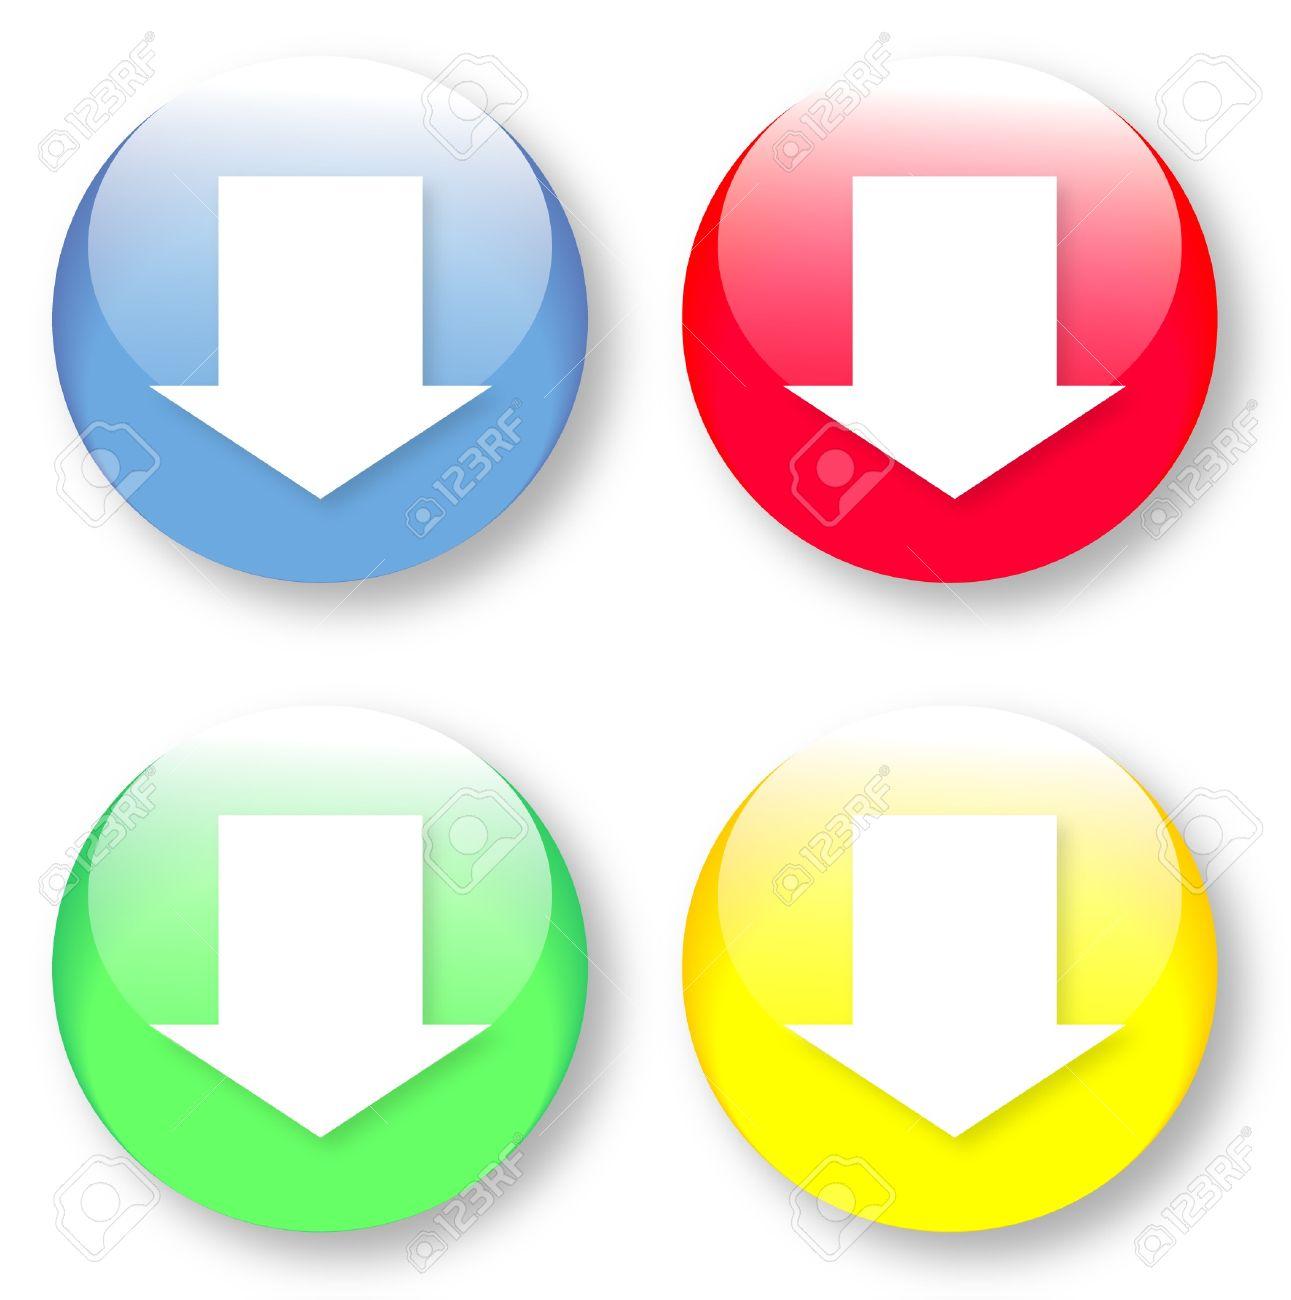 19654223-simple-icono-de-la-flecha-blanca-mirando-hacia-abajo-en-un-color-verde-amarillo-azul-y-rojo-bot-n-vi-foto-de-archivo